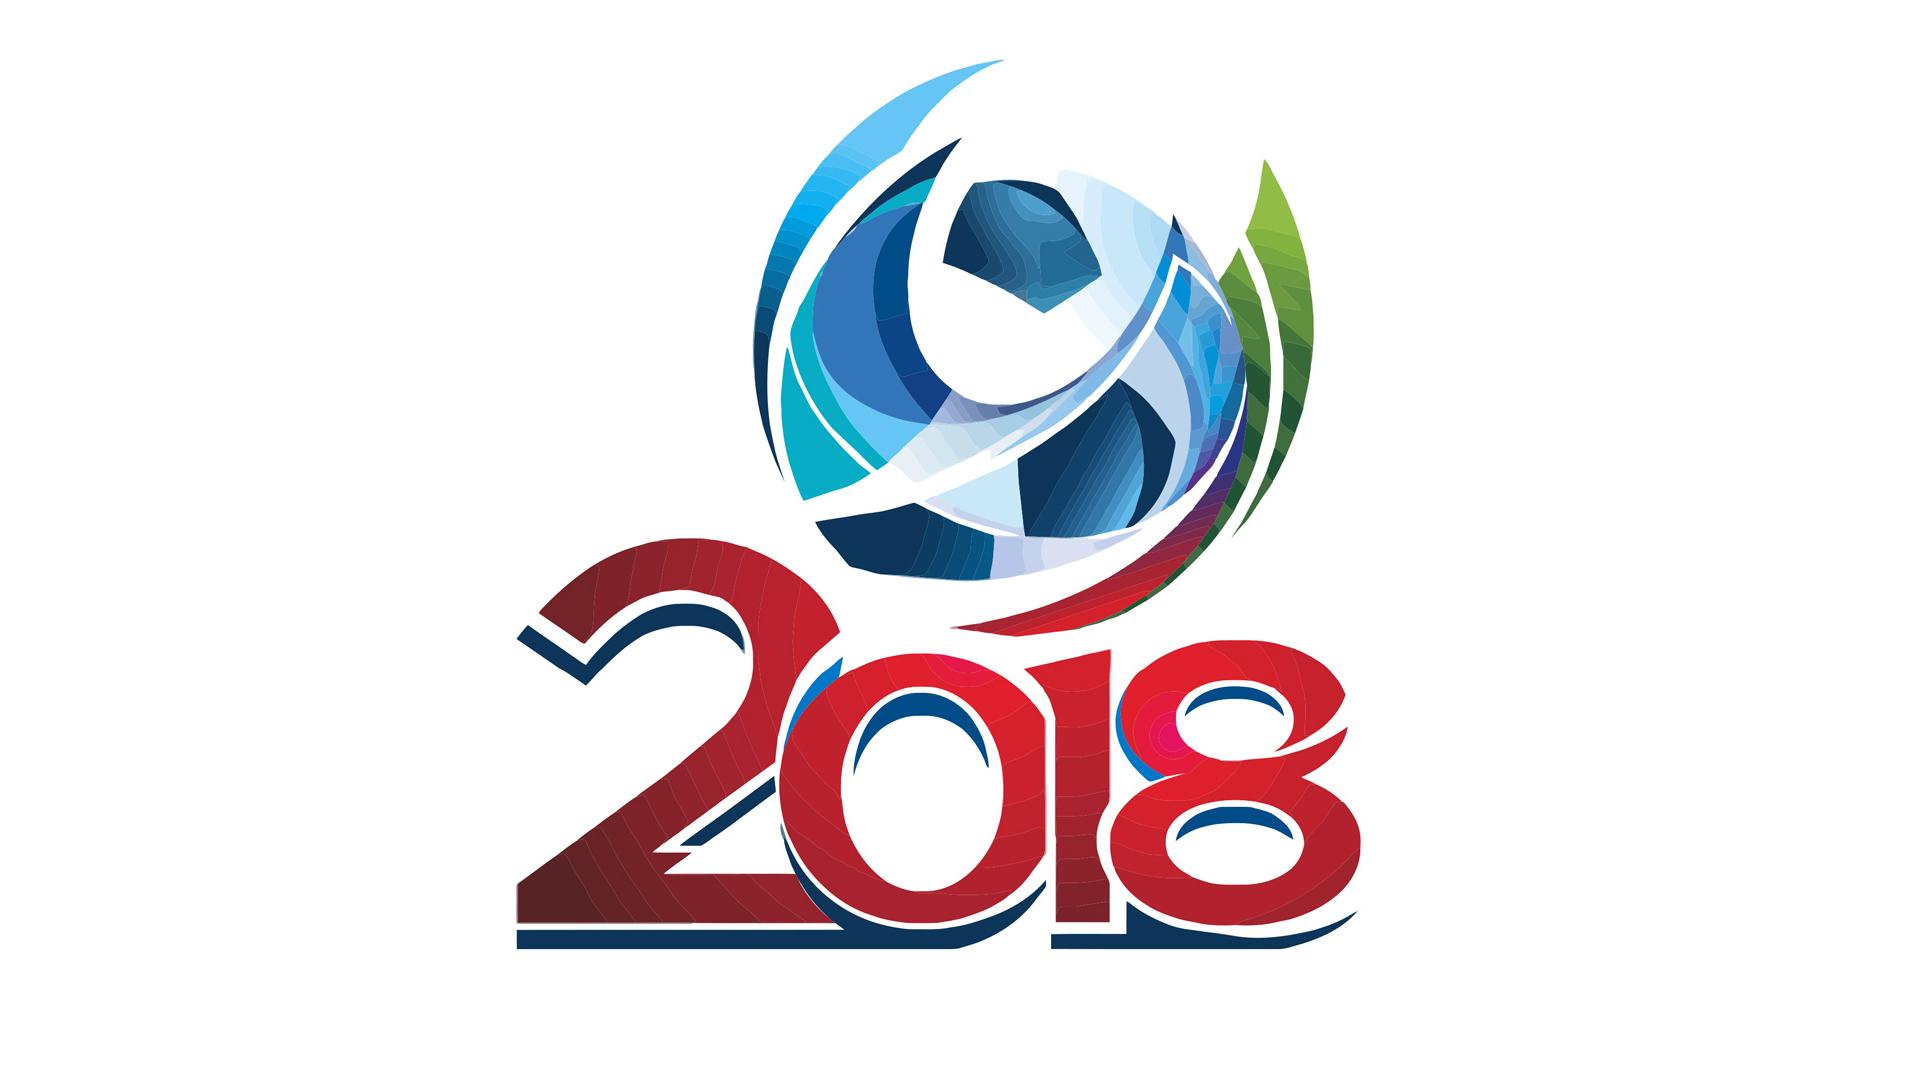 रुसमा हुने विश्वकप फुटबलका लागि फ्रान्स छनौट …